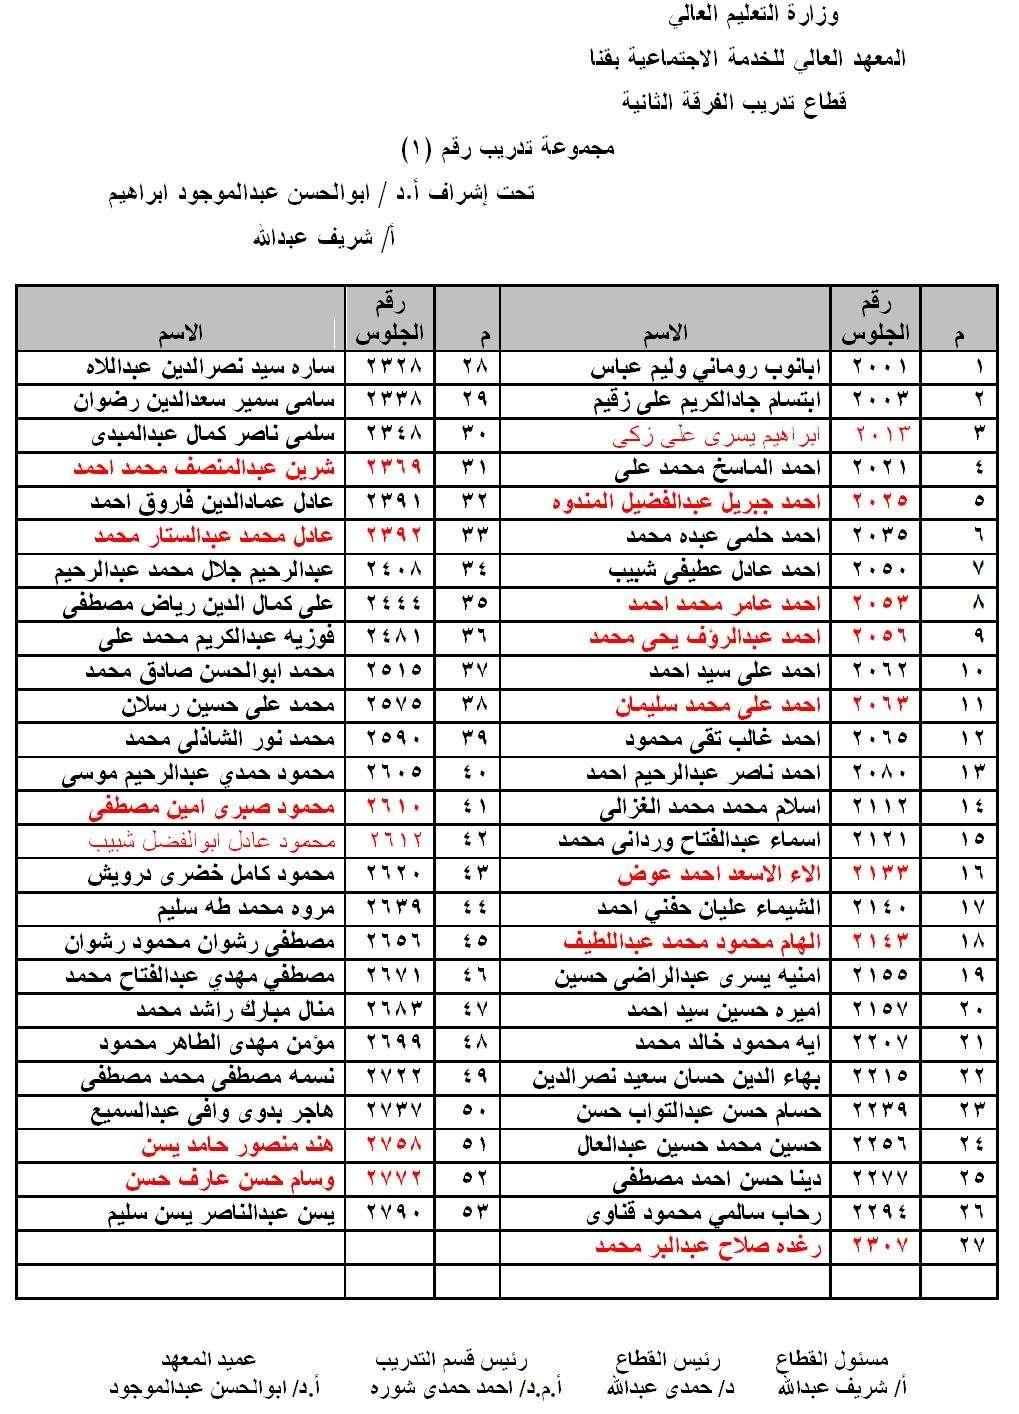 توزيع مجموعات تدريب الفرقة الثانية 2014 - 2015 110